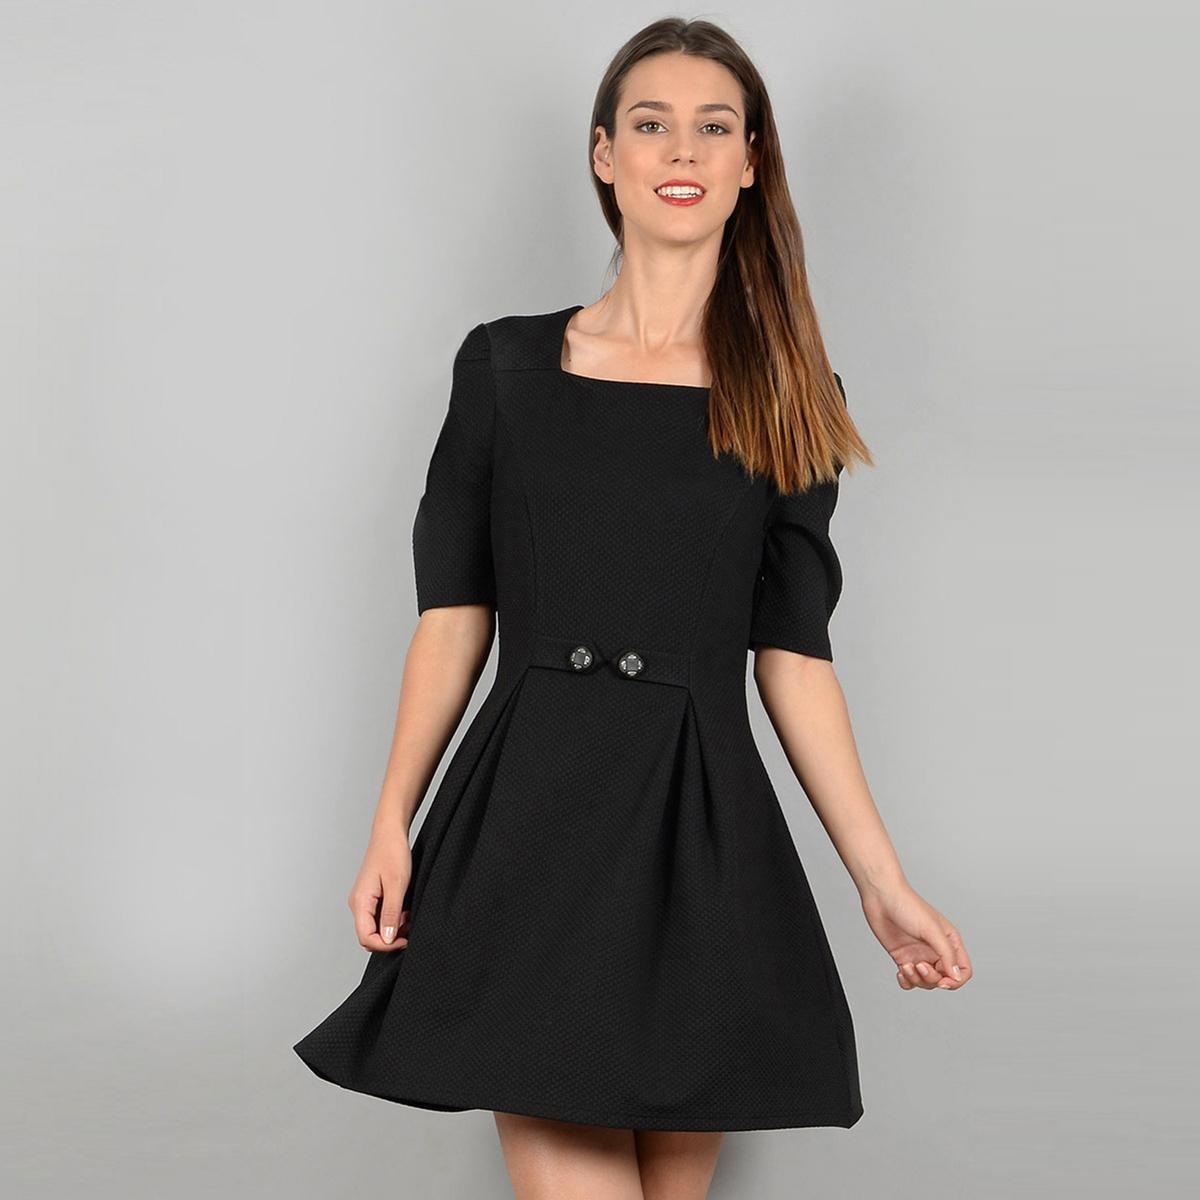 Платье короткое с короткими рукавамиОписание •  Форма : расклешенная •  короткое  •  Короткие рукава    •  Без воротника Состав и уход •  5% эластана, 95% полиэстера  •  Следуйте рекомендациям по уходу, указанным на этикетке изделия<br><br>Цвет: черный<br>Размер: M